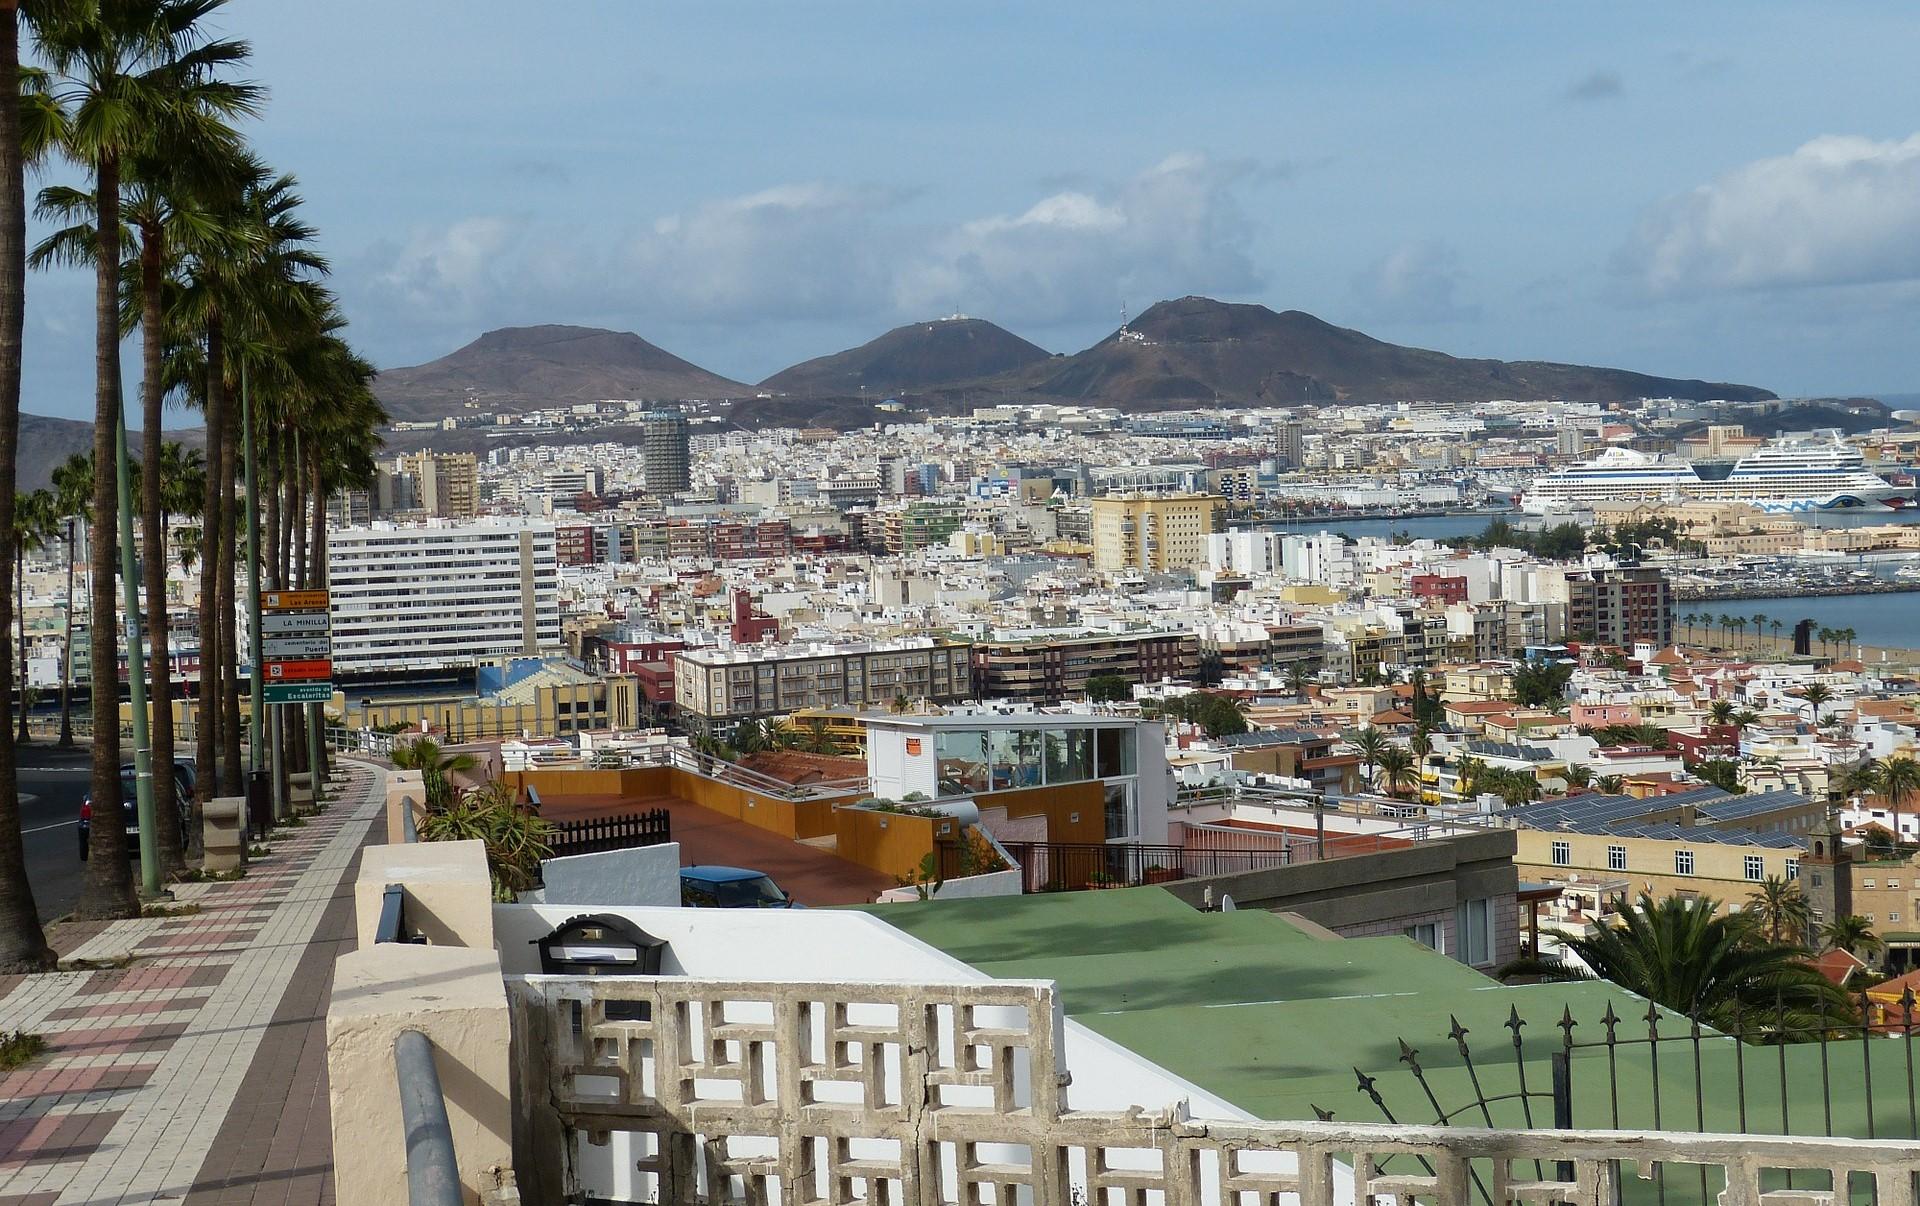 El Ayuntamiento de Las Palmas de Gran Canaria adopta nuevas medidas contra la COVID-19